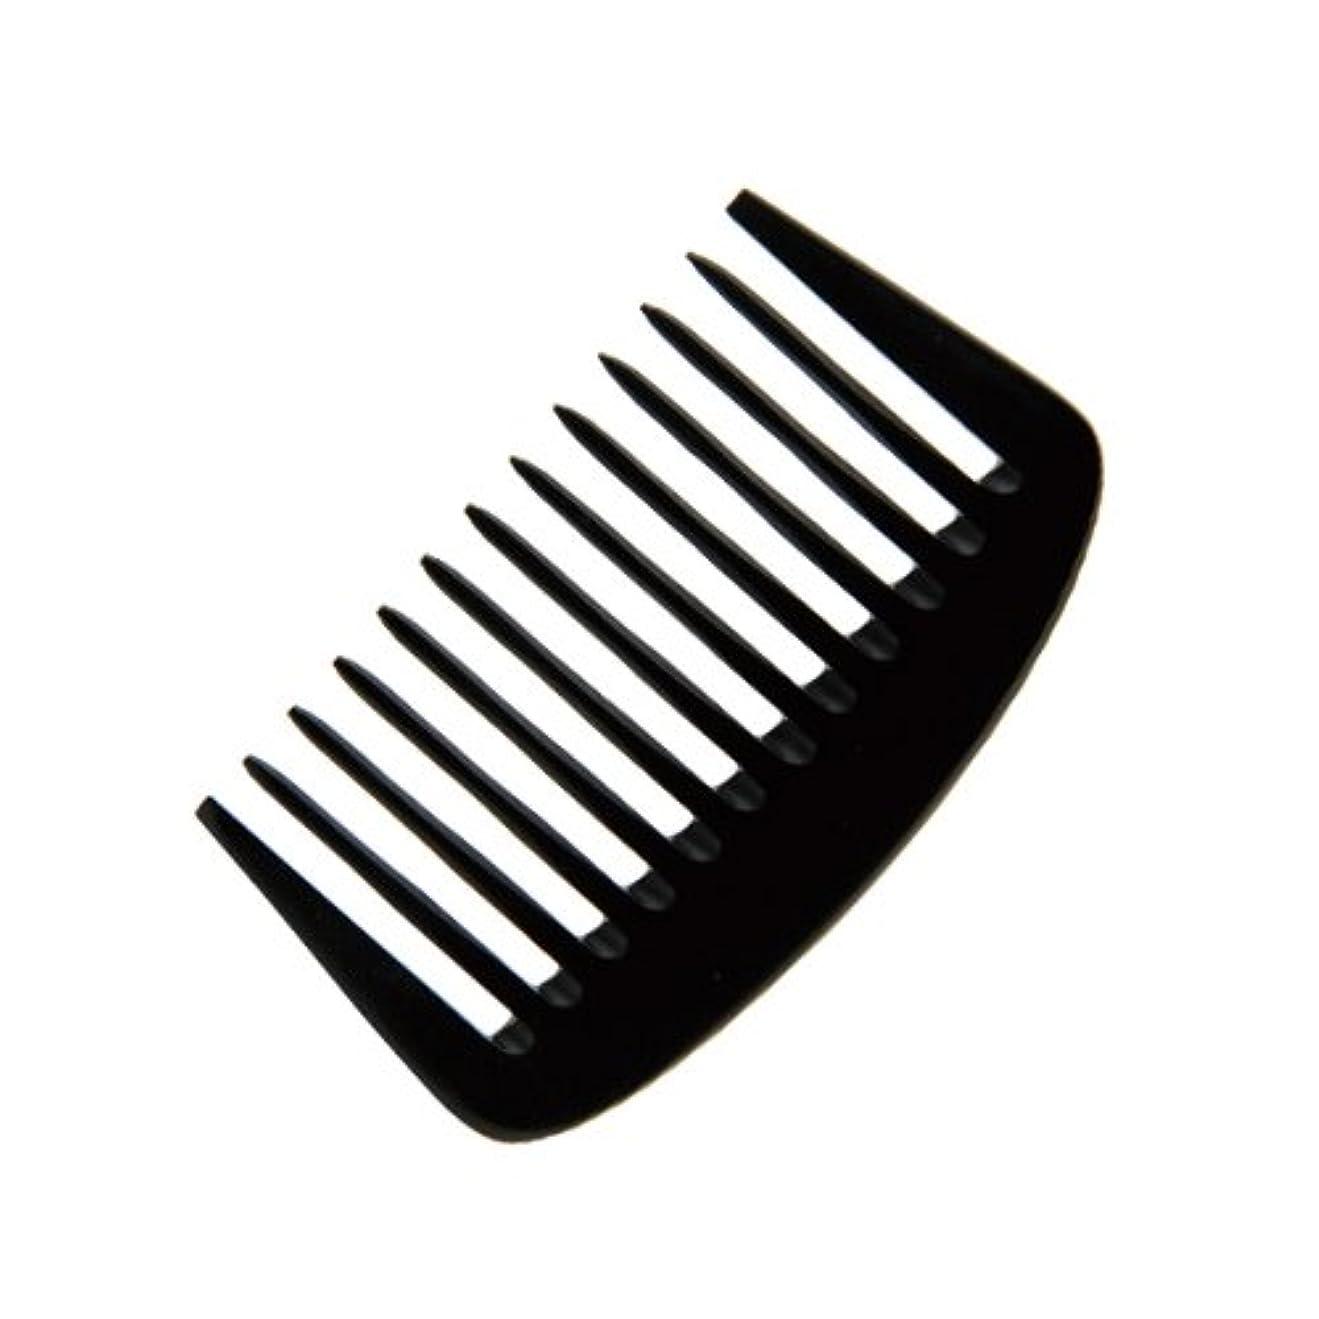 販売員注入する鼓舞するエトゥベラ e-ーフムーンコーム K-8010 105mm (美容室用) 全2色ブラック